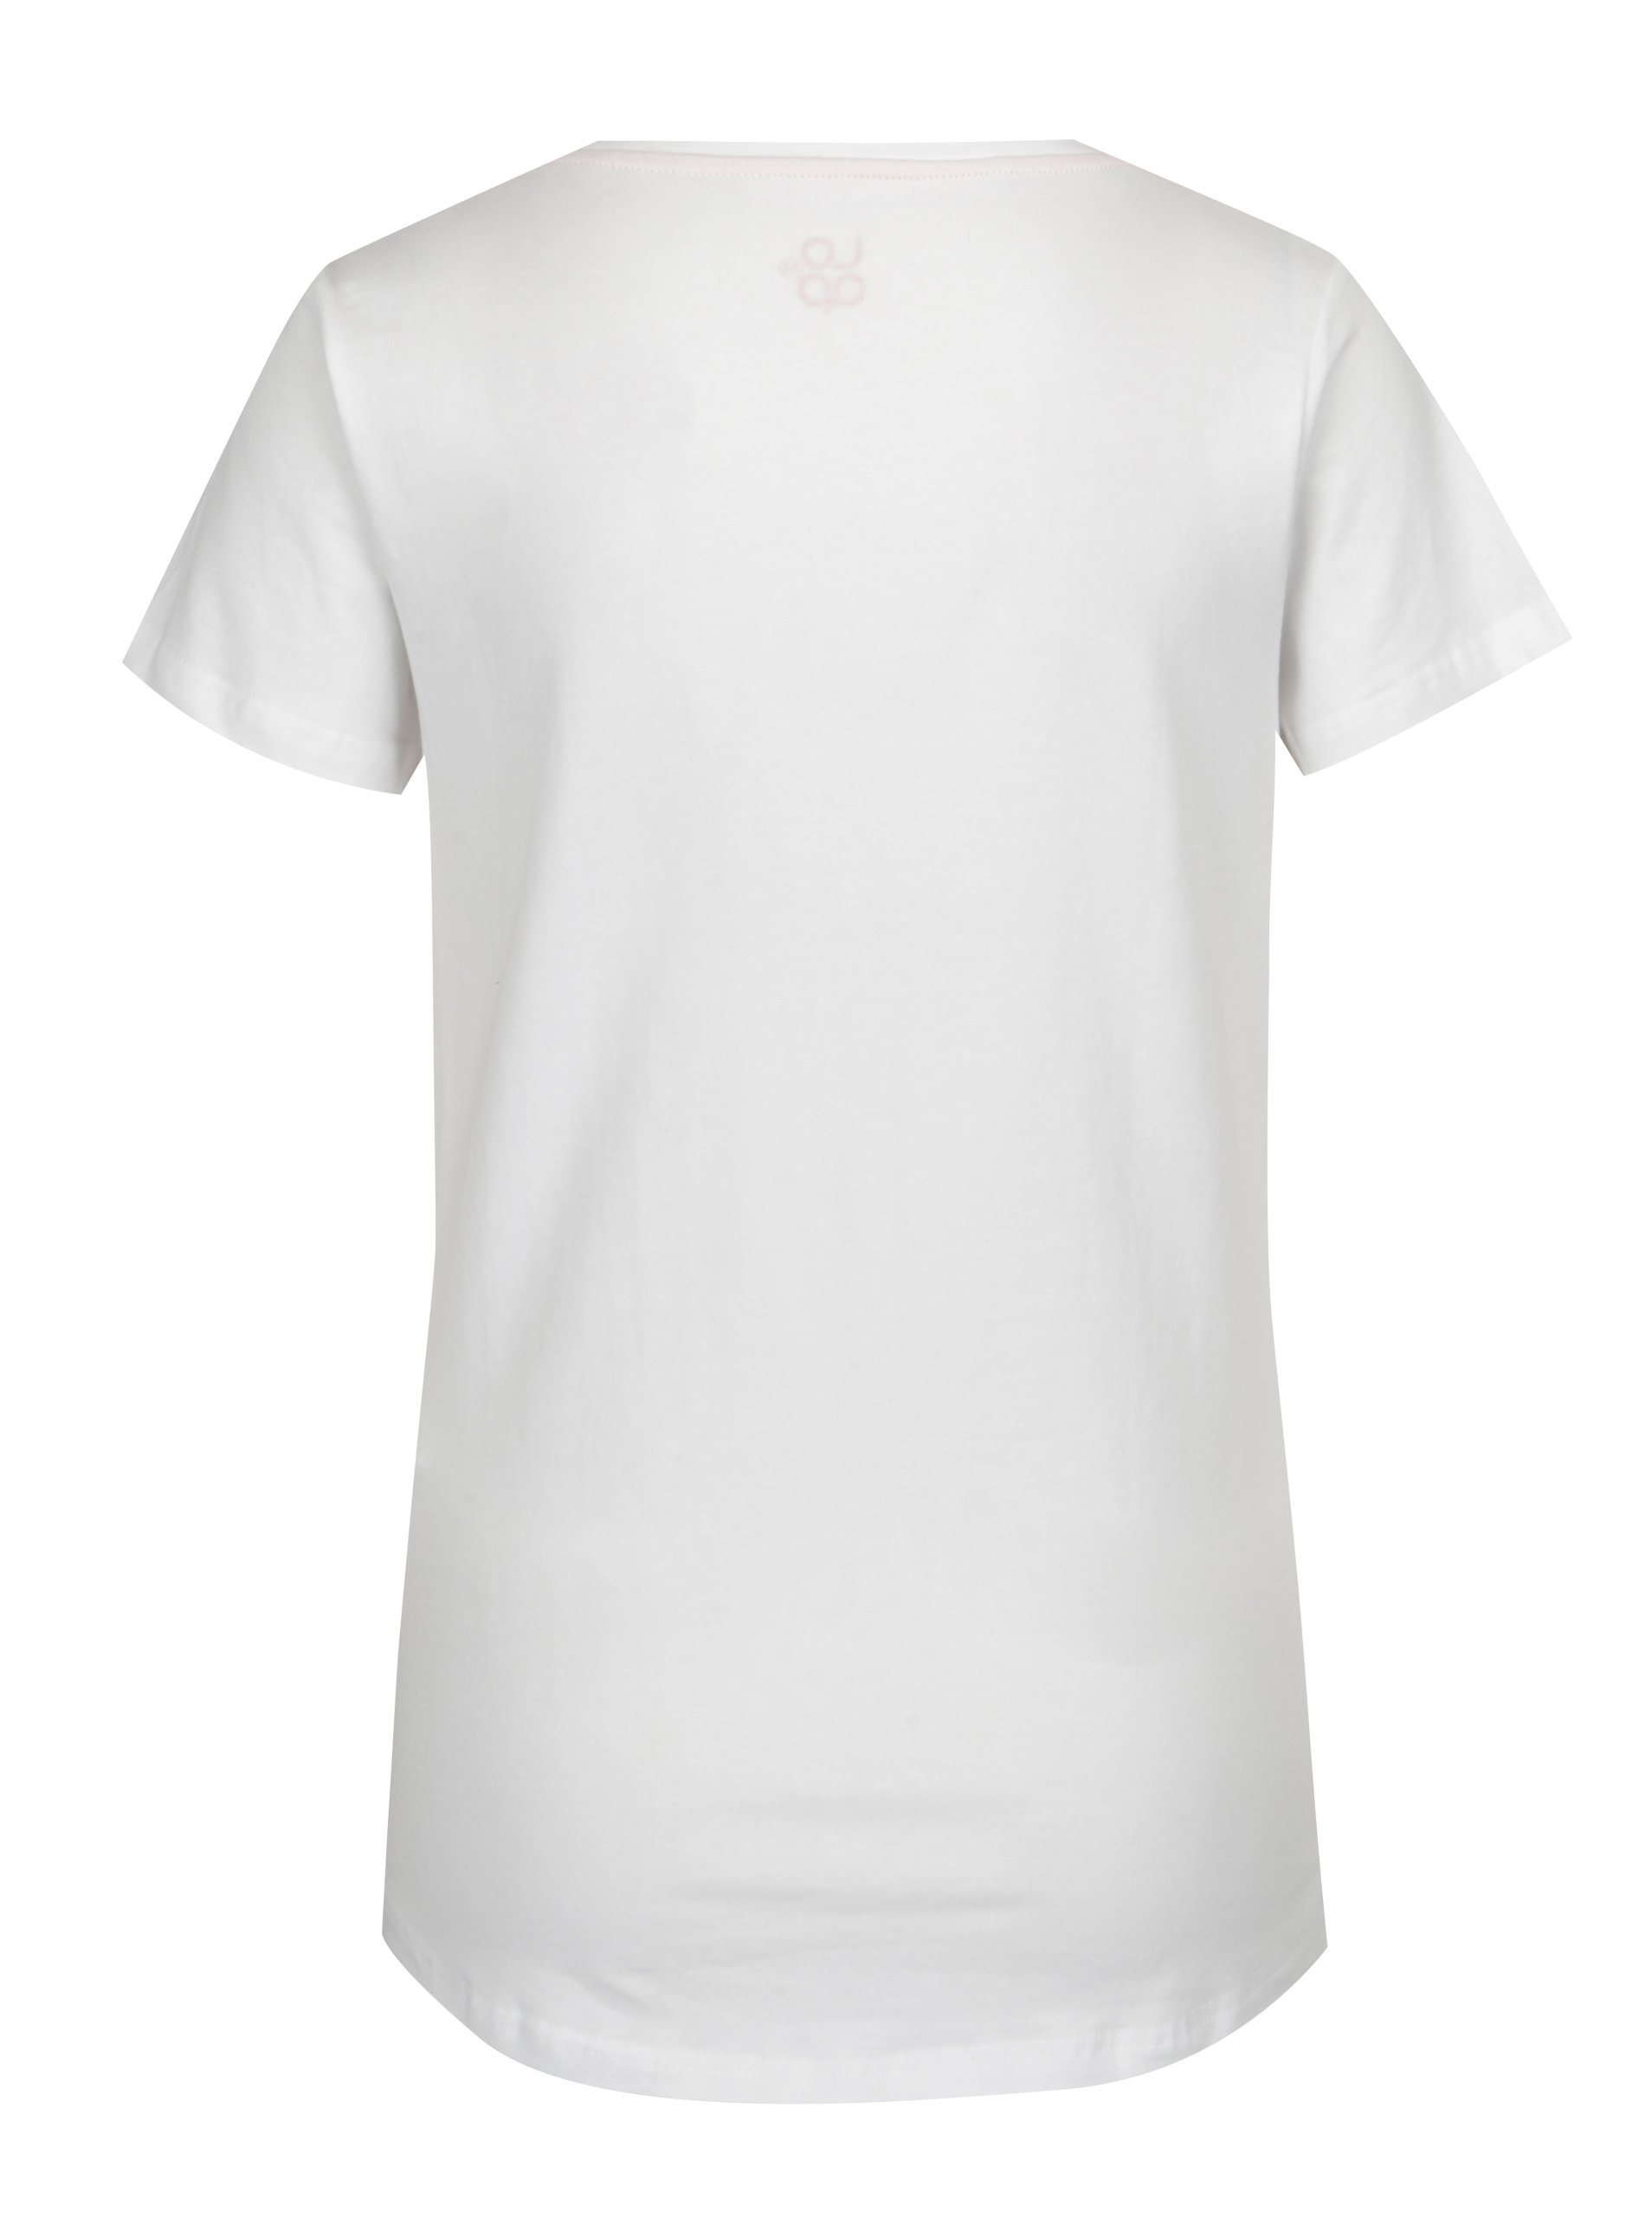 9d5a69e548ba Biele dámske tričko s krátkym rukávom LOAP Blair ...